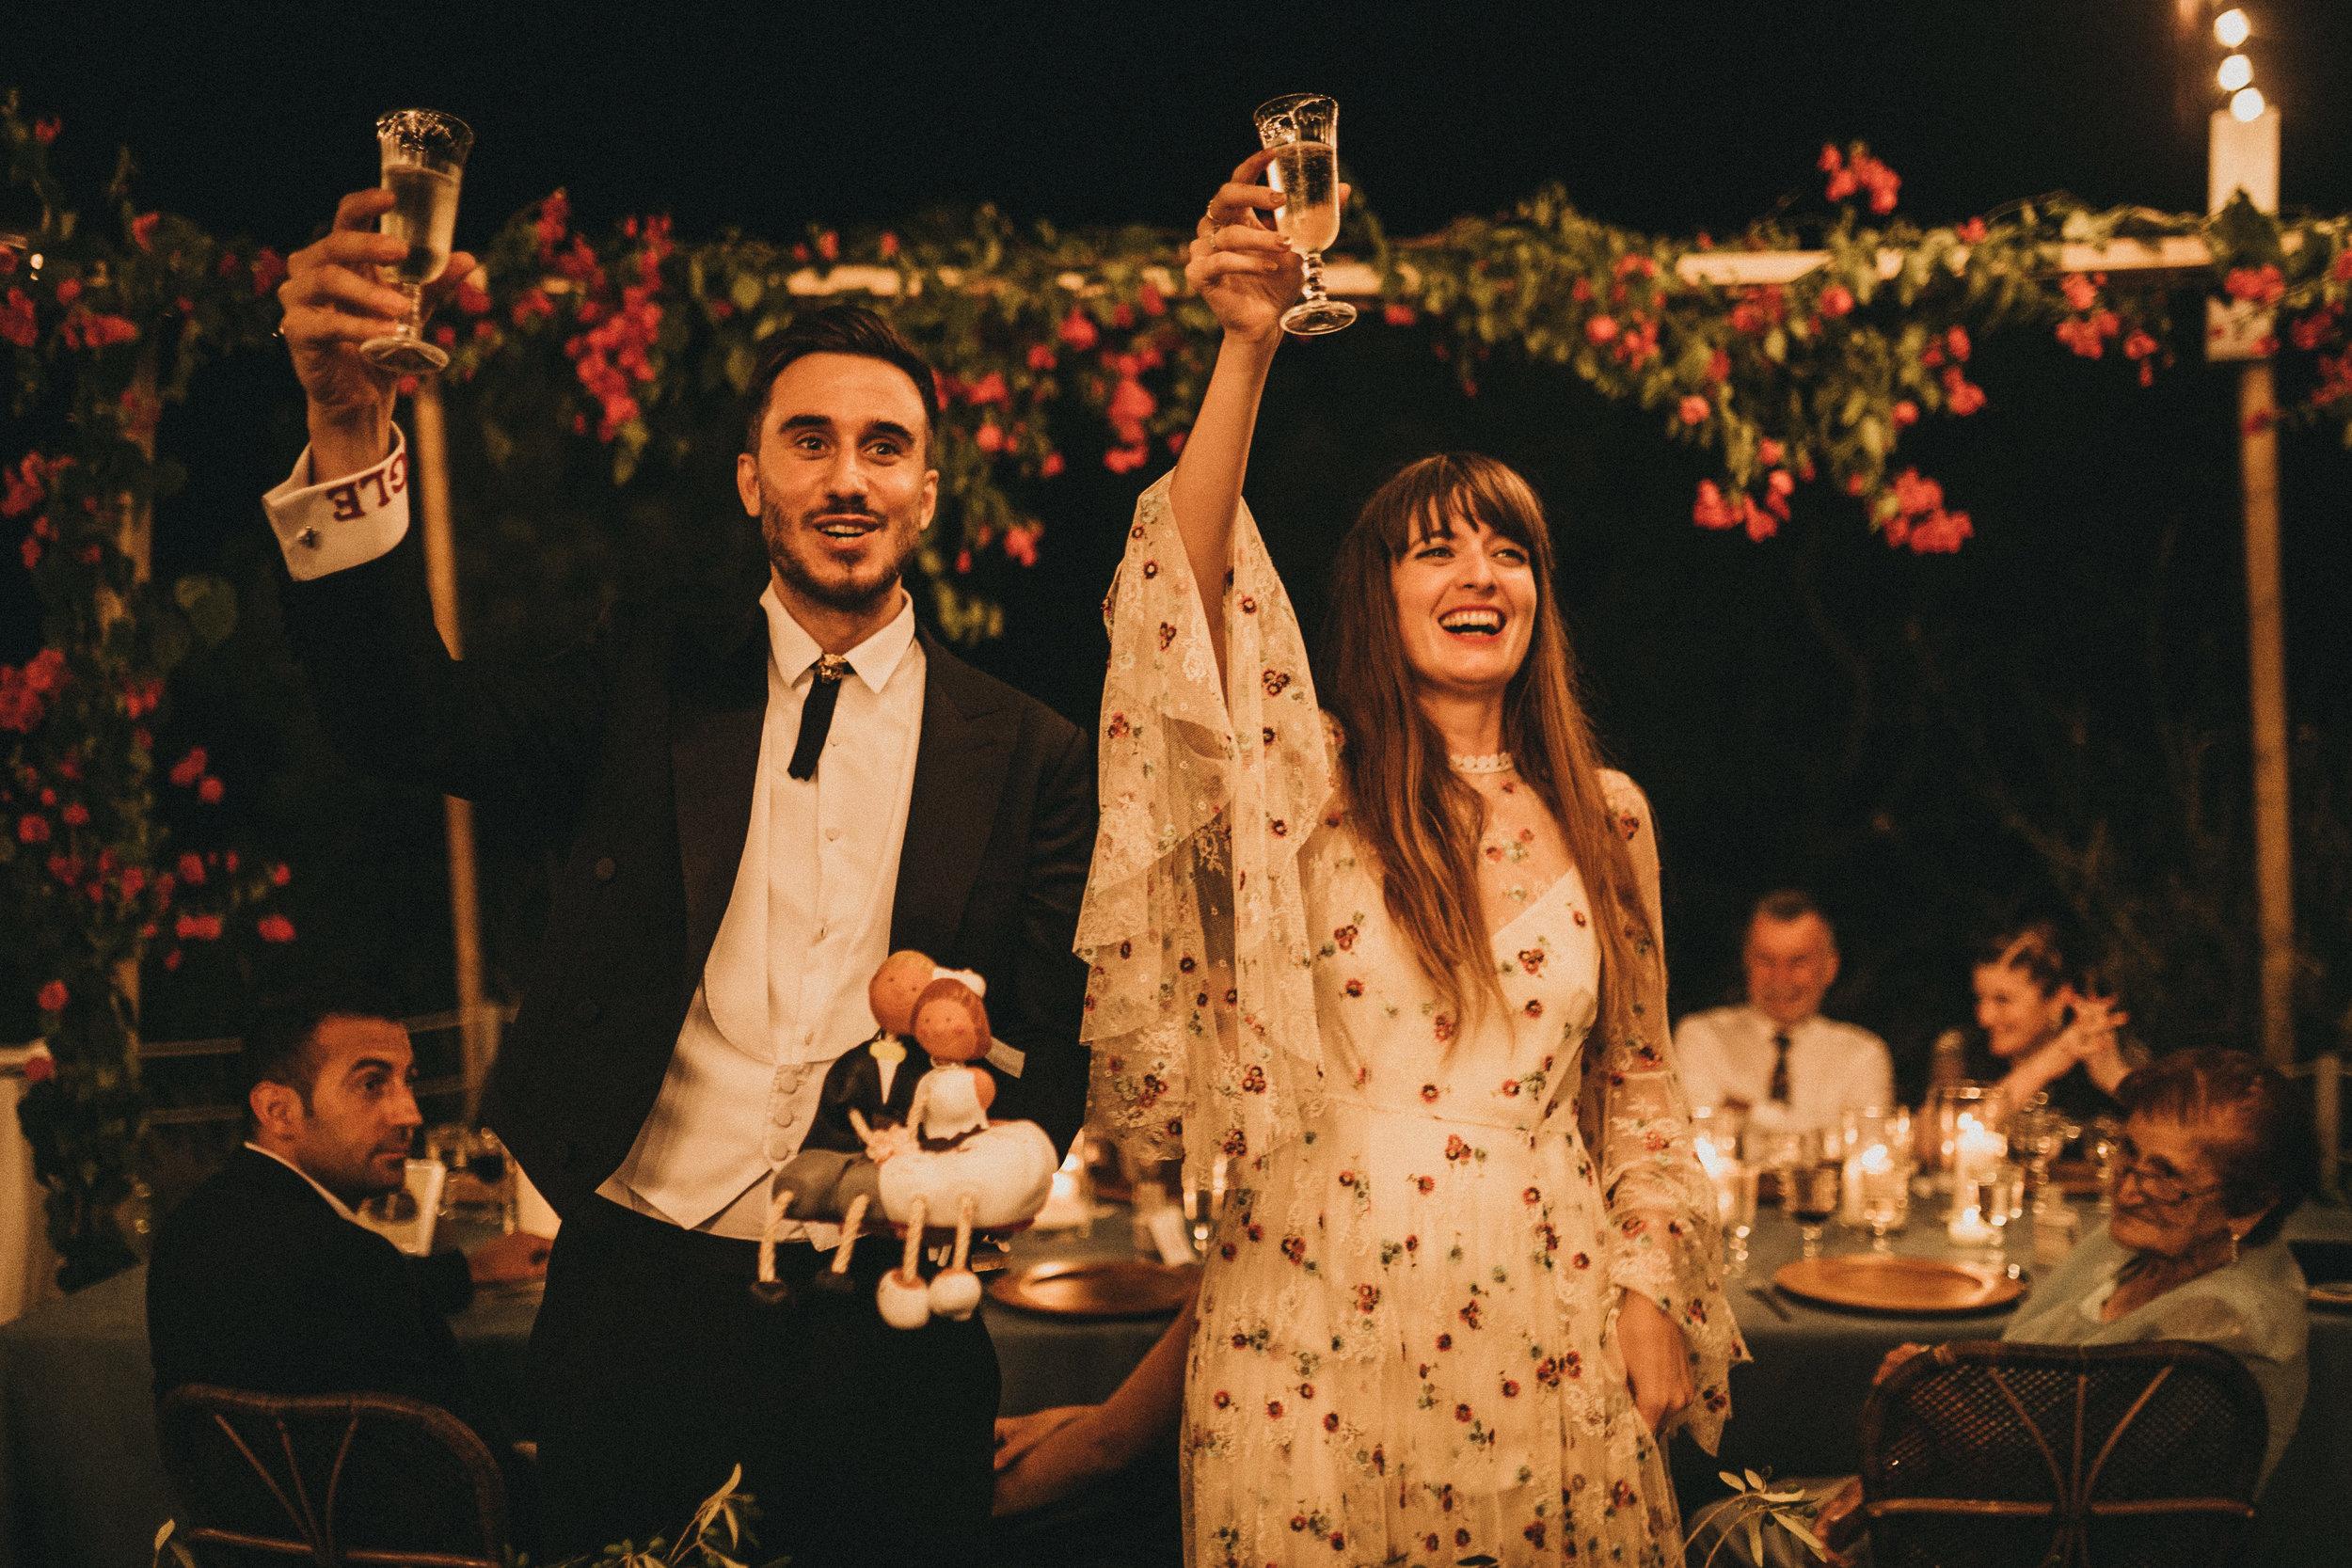 Fotografo de bodas españa serafin castillo wedding photographer spain 984.jpg